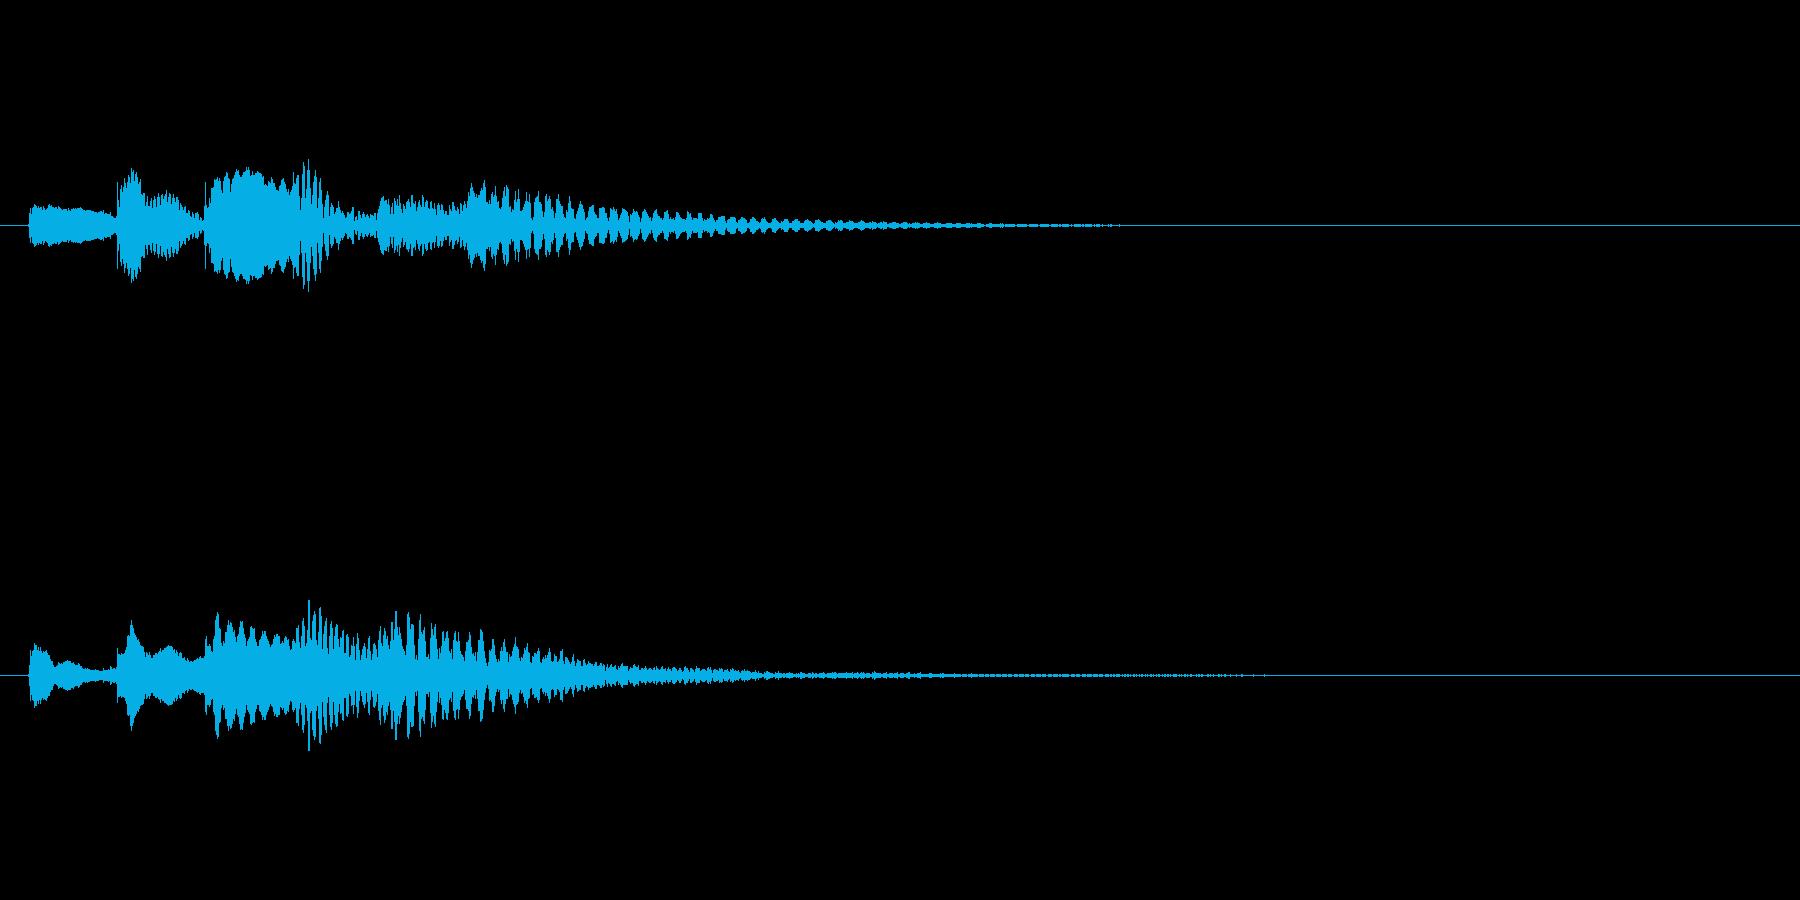 か↑ららららららん↓の再生済みの波形